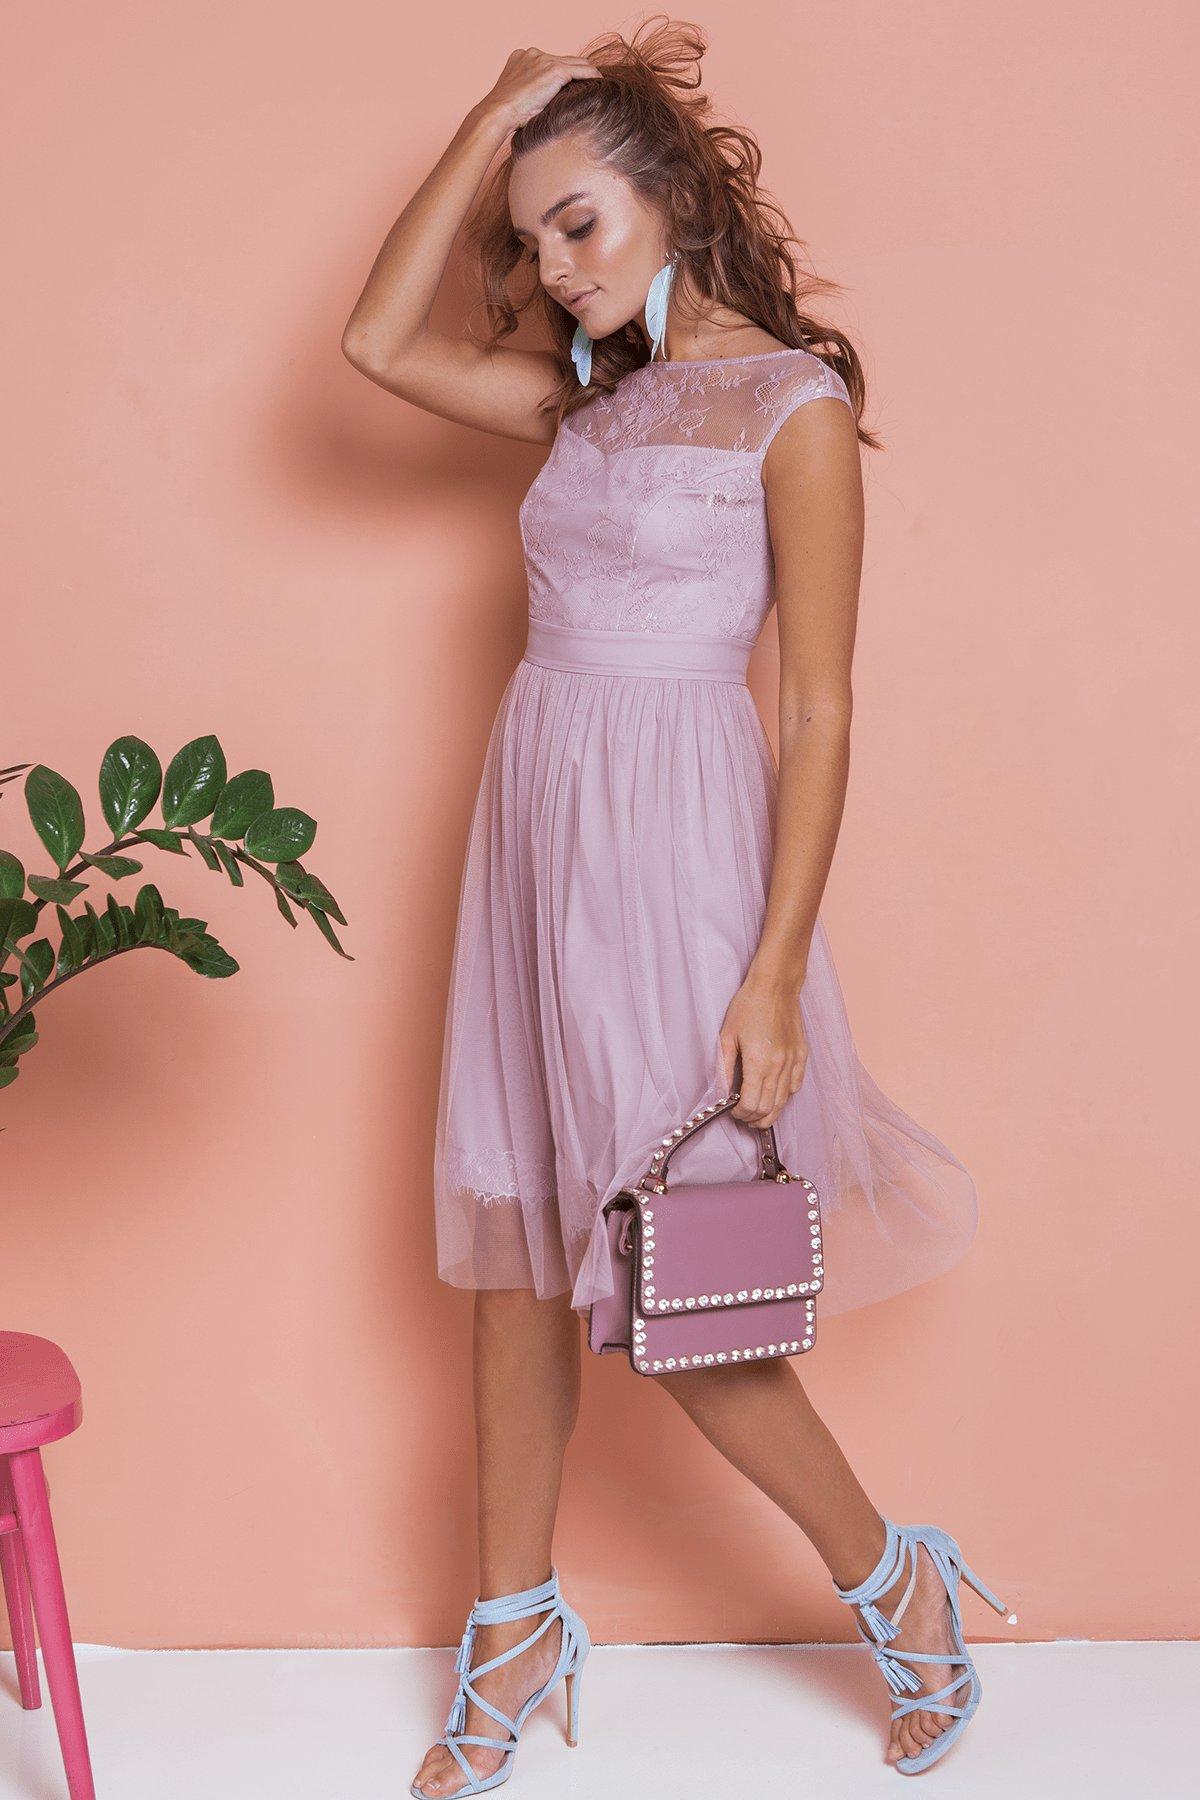 Платье Амур 6872 АРТ. 41986 Цвет: Серо-голубой/серо-голубой - фото 2, интернет магазин tm-modus.ru